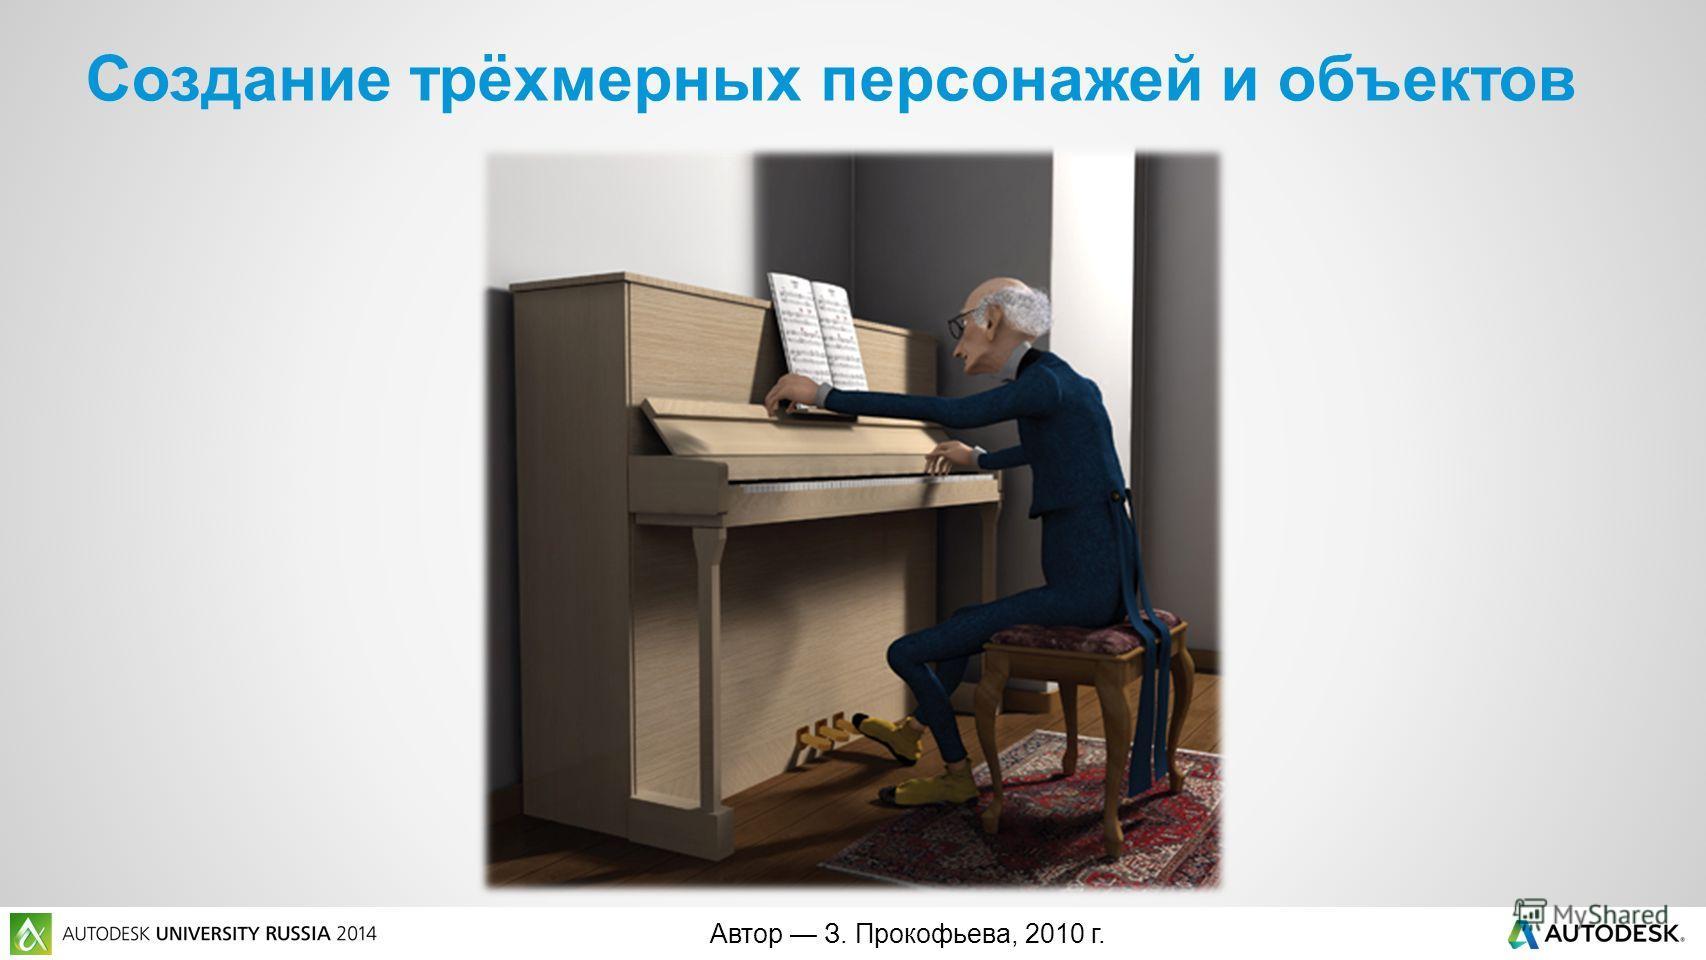 Автор З. Прокофьева, 2010 г. Создание трёхмерных персонажей и объектов